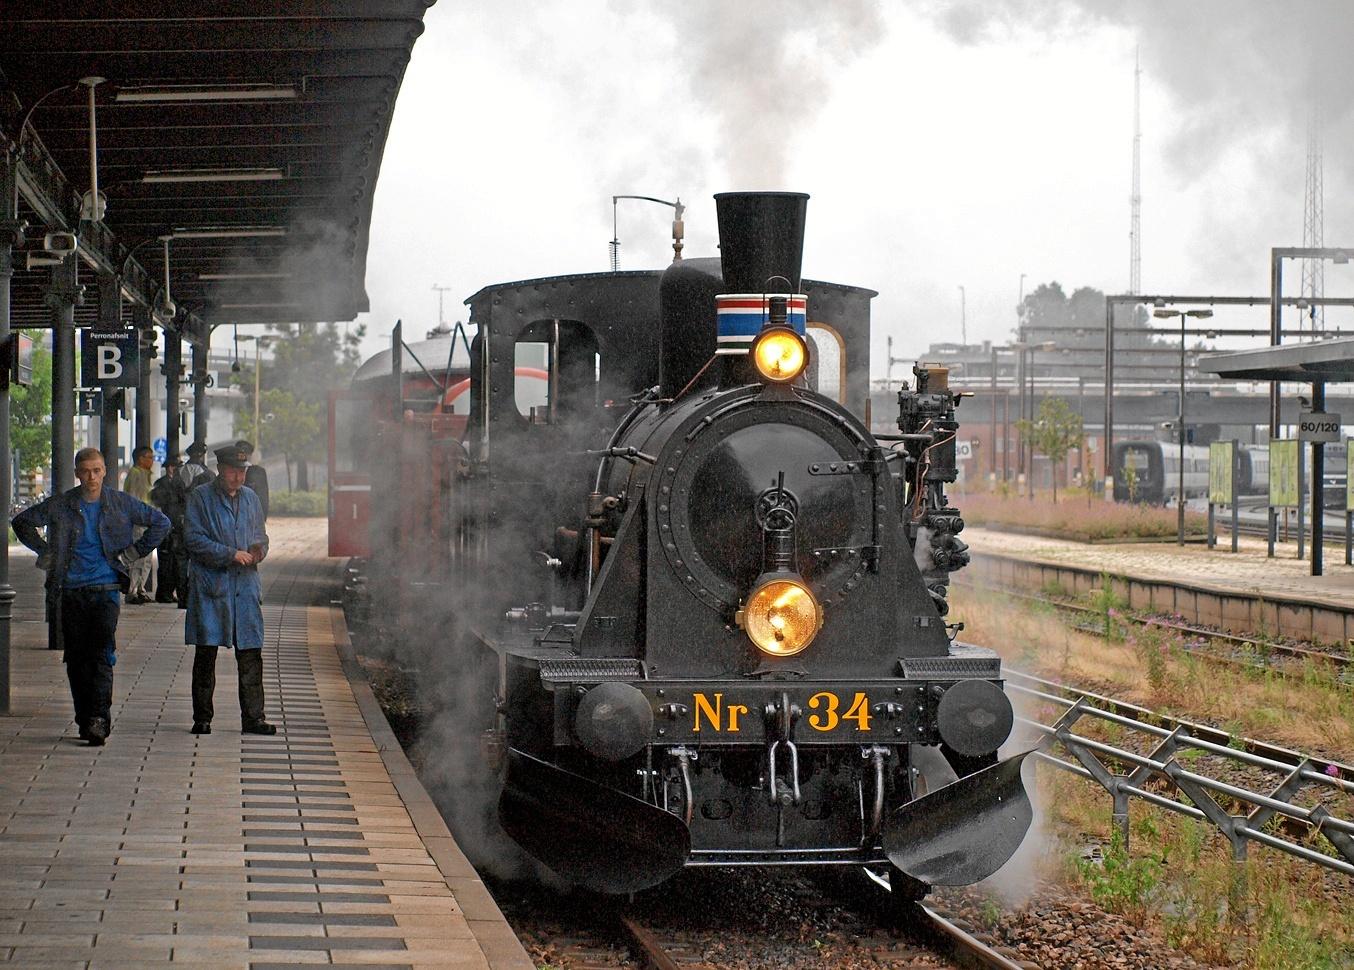 Det mega populære veterandamptog er her i julen 2018 atter klar til at køre med juleglade gæster fra Aalborg Station og ud til Aalborg øst. Arkivfoto: Limfjordsbanen